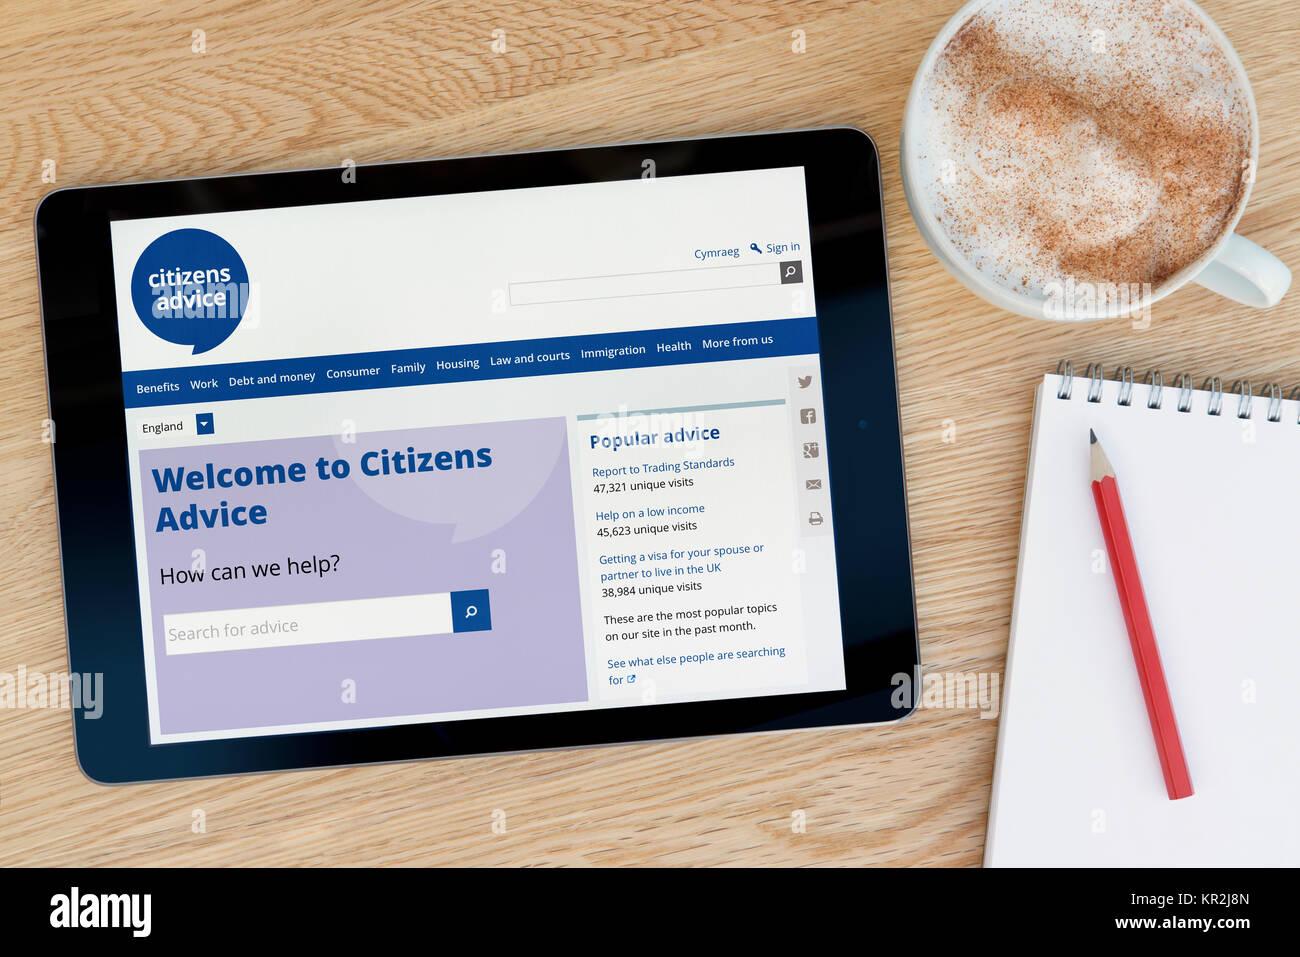 Le site internet de conseil aux citoyens sur un iPad tablet device qui repose sur une table en bois à côté Photo Stock